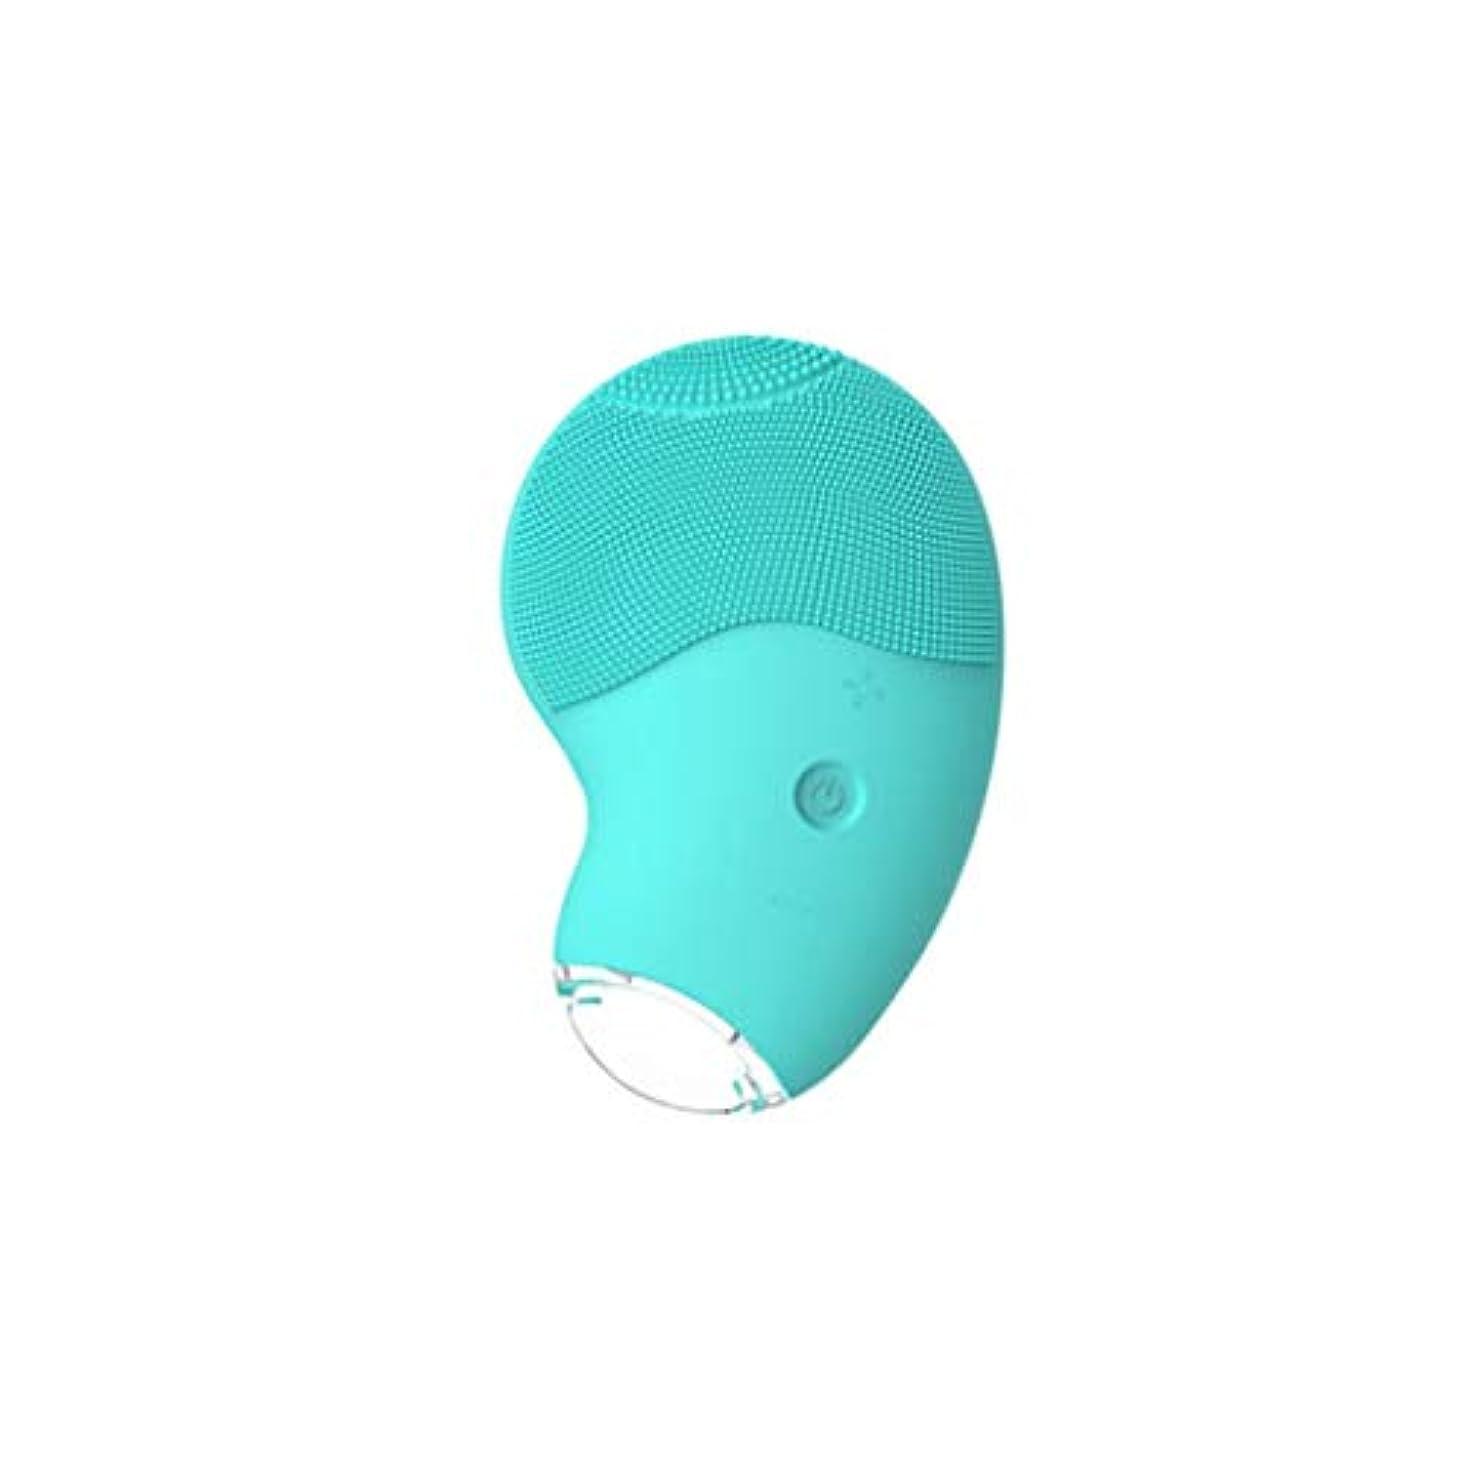 もろい安いです取り替える電気シリコン洗顔ブラシ、ディープクレンジングアンチエイジングポータブルおよび防水充電式フェイスマッサージャー,グリーン